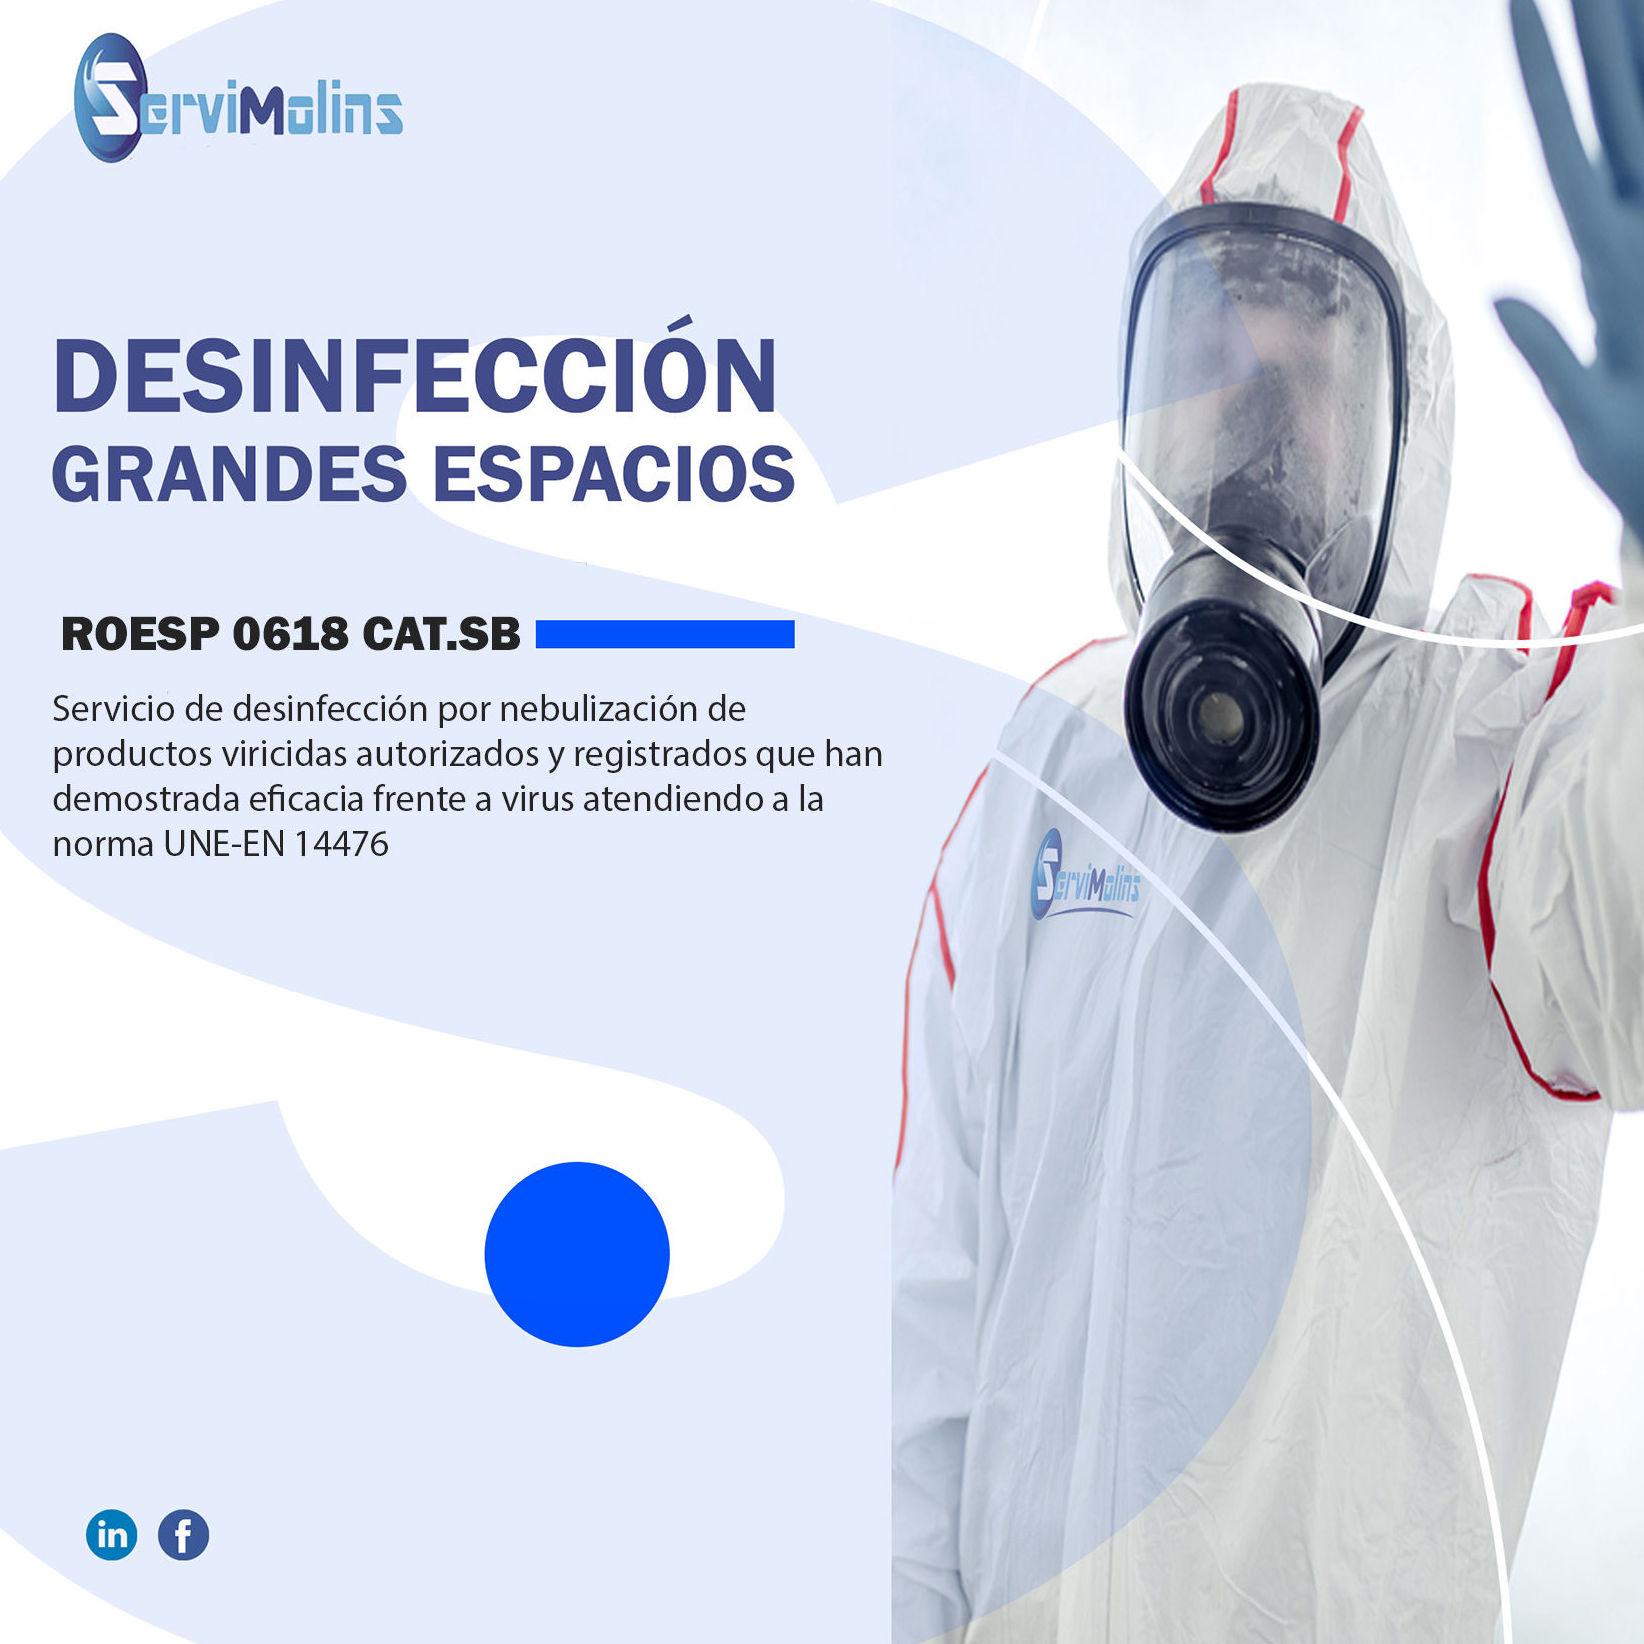 Desinfección- ROESP 0618 CAT-SB:  de Servimolins